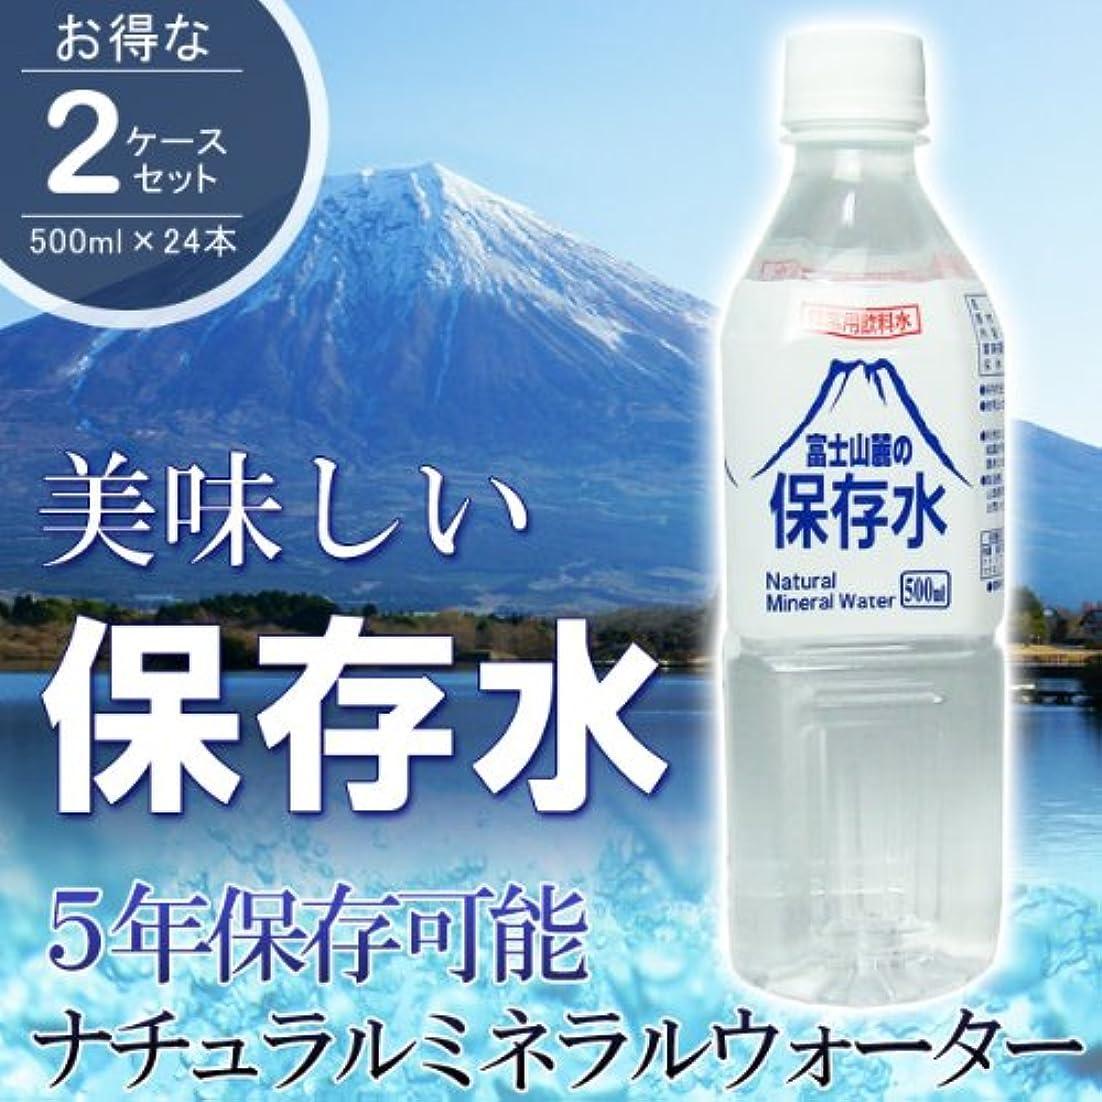 コンデンサー合金どう?5年保存可能 おいしい非常用飲料水 富士山麓の保存水 500ml×24本入 2ケース(48本)セット